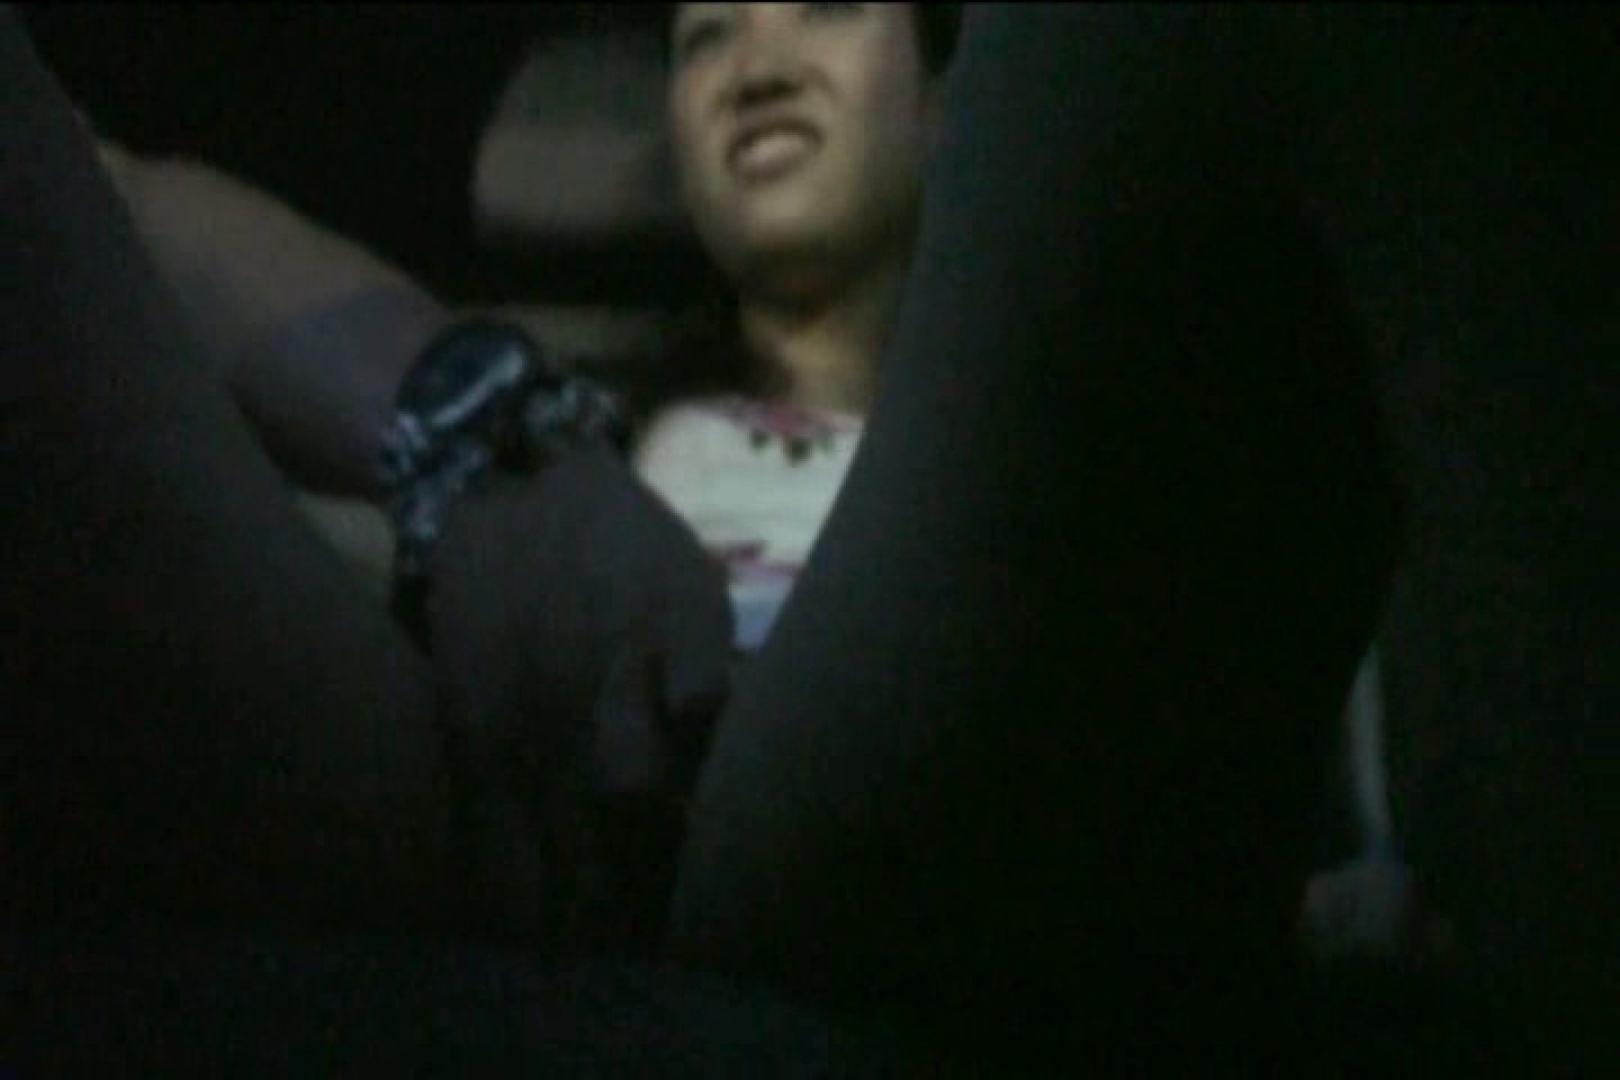 車内で初めまして! vol01 車でエッチ SEX無修正画像 102PIX 52